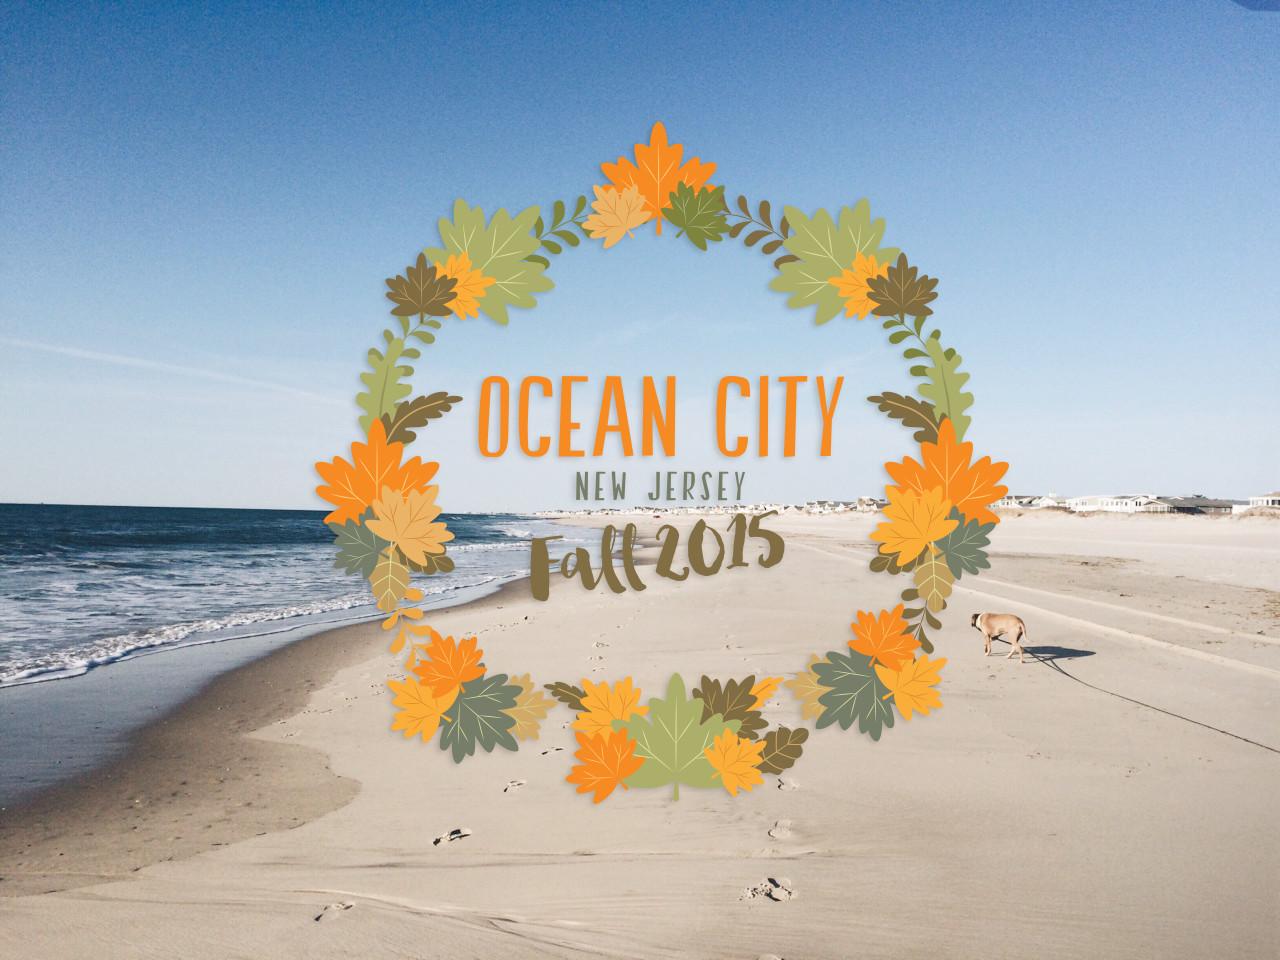 Weekend Beach Rentals In Ocean City Nj